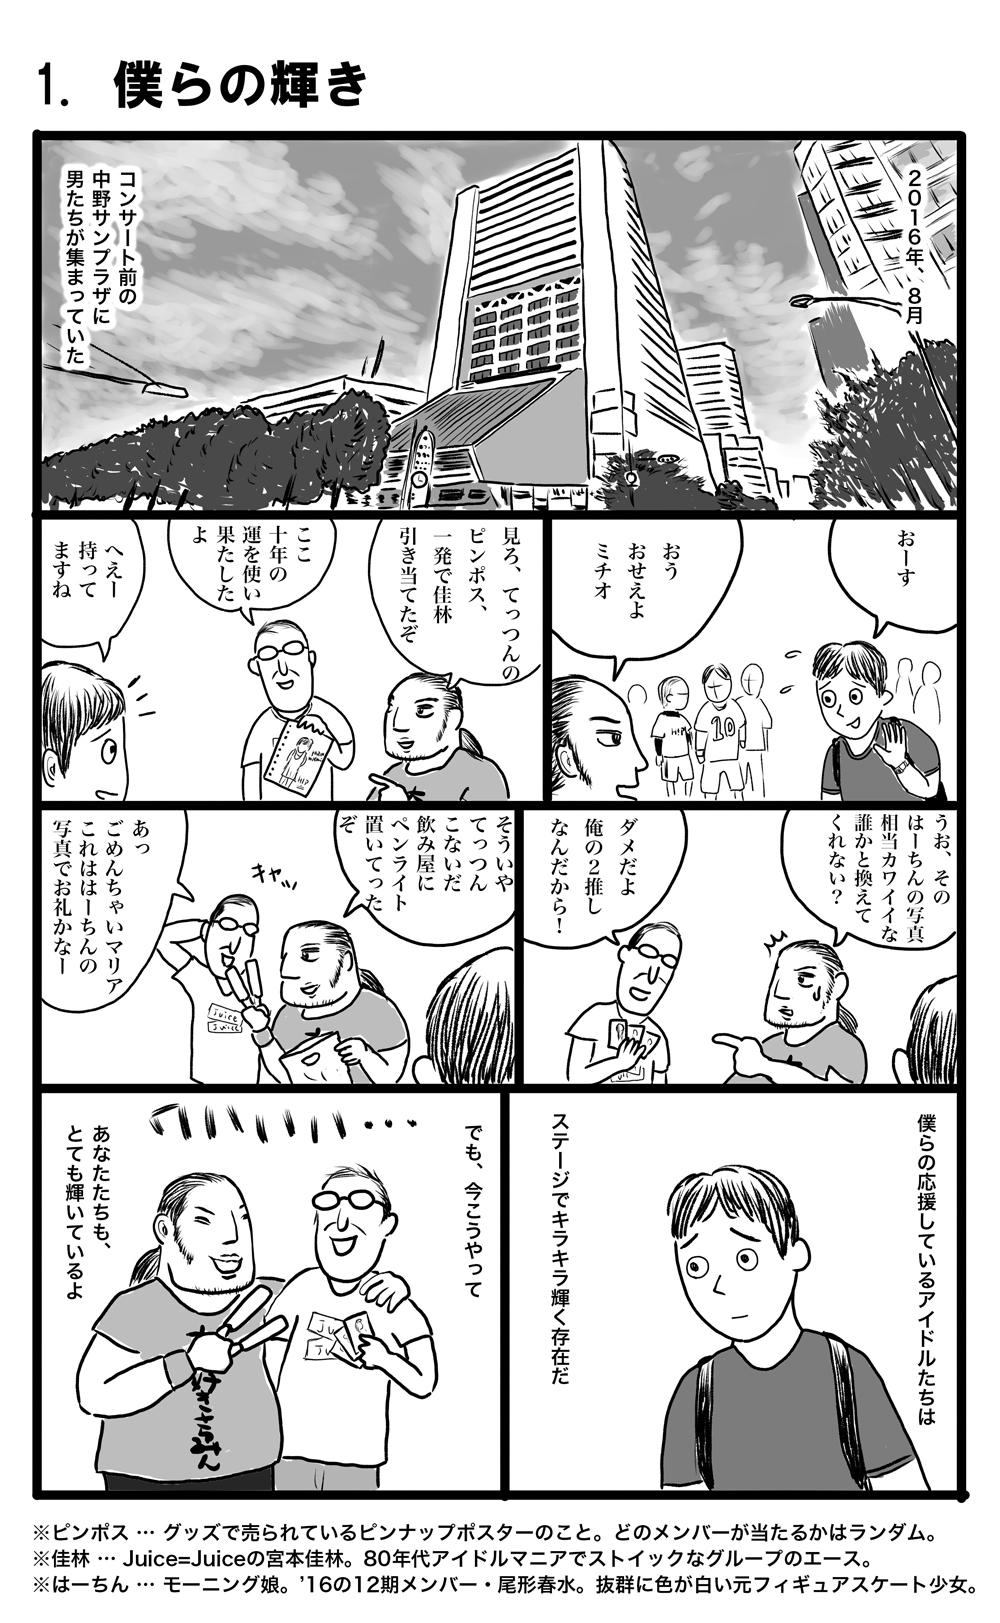 tsurugi-mikito-001